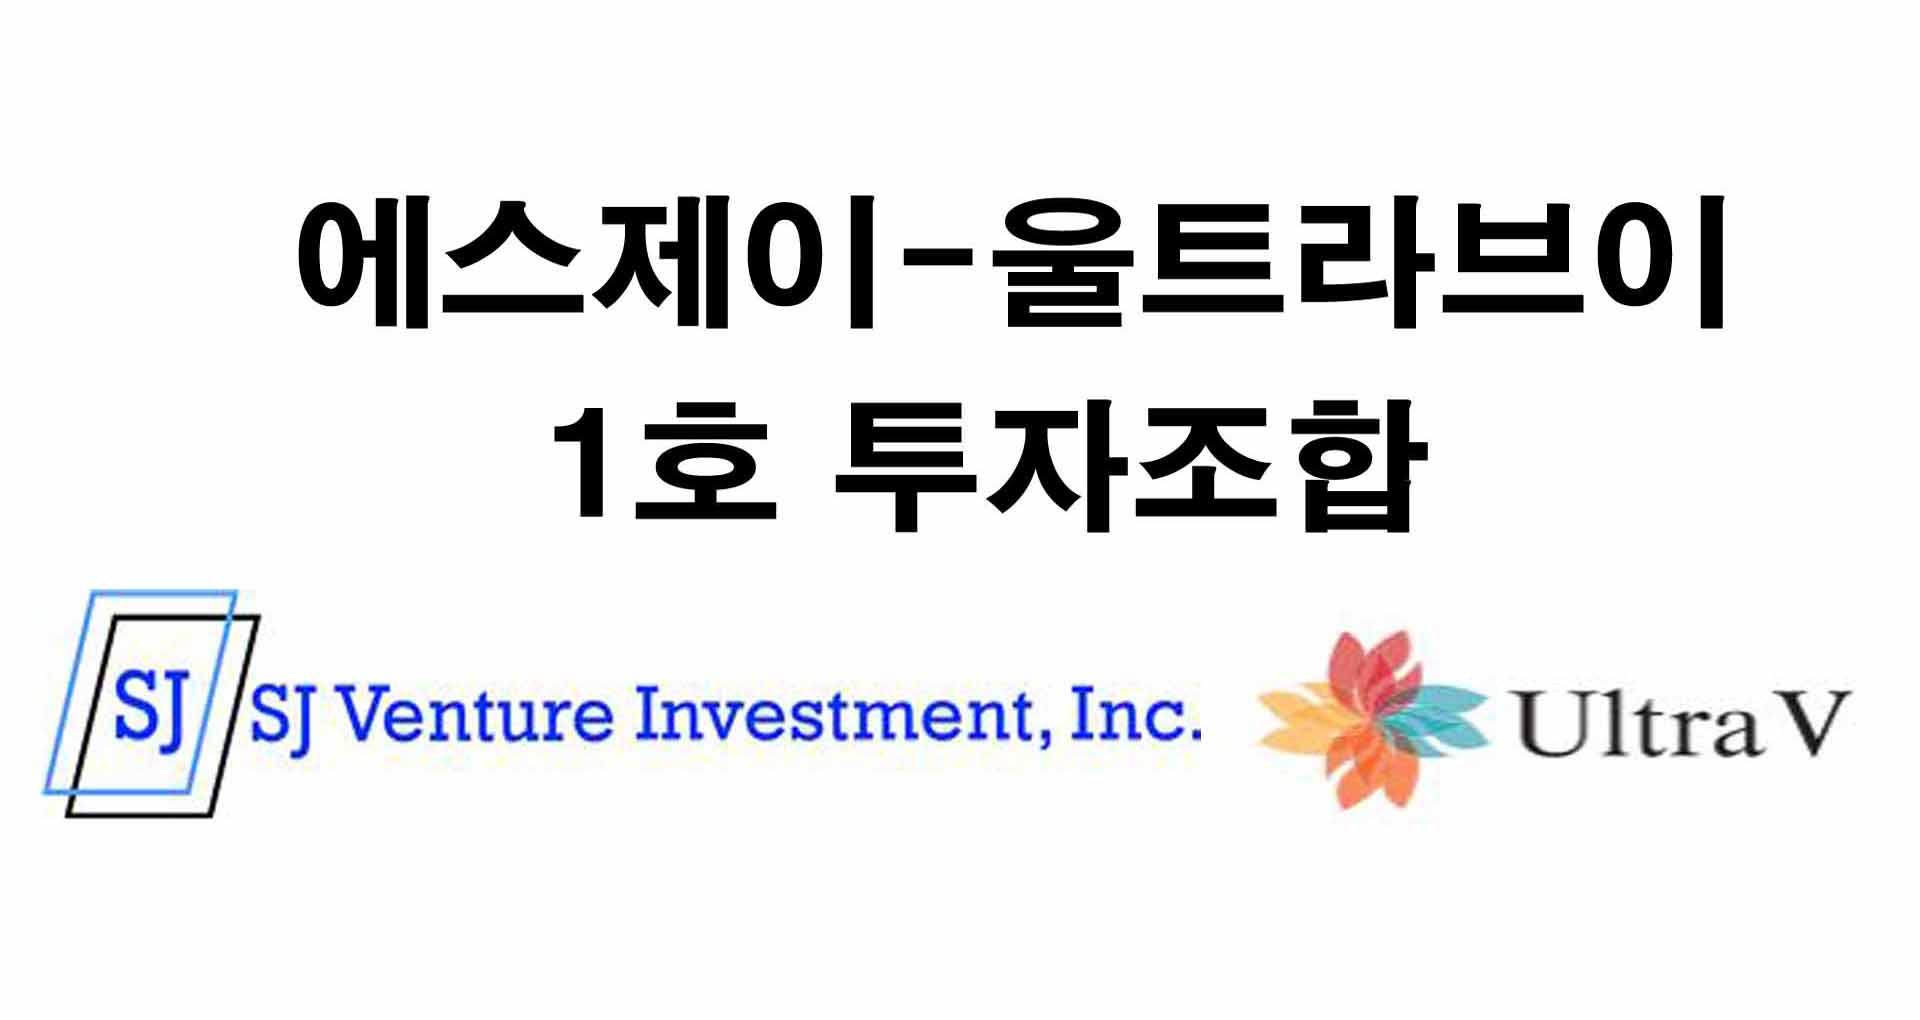 SJ Venture Investment